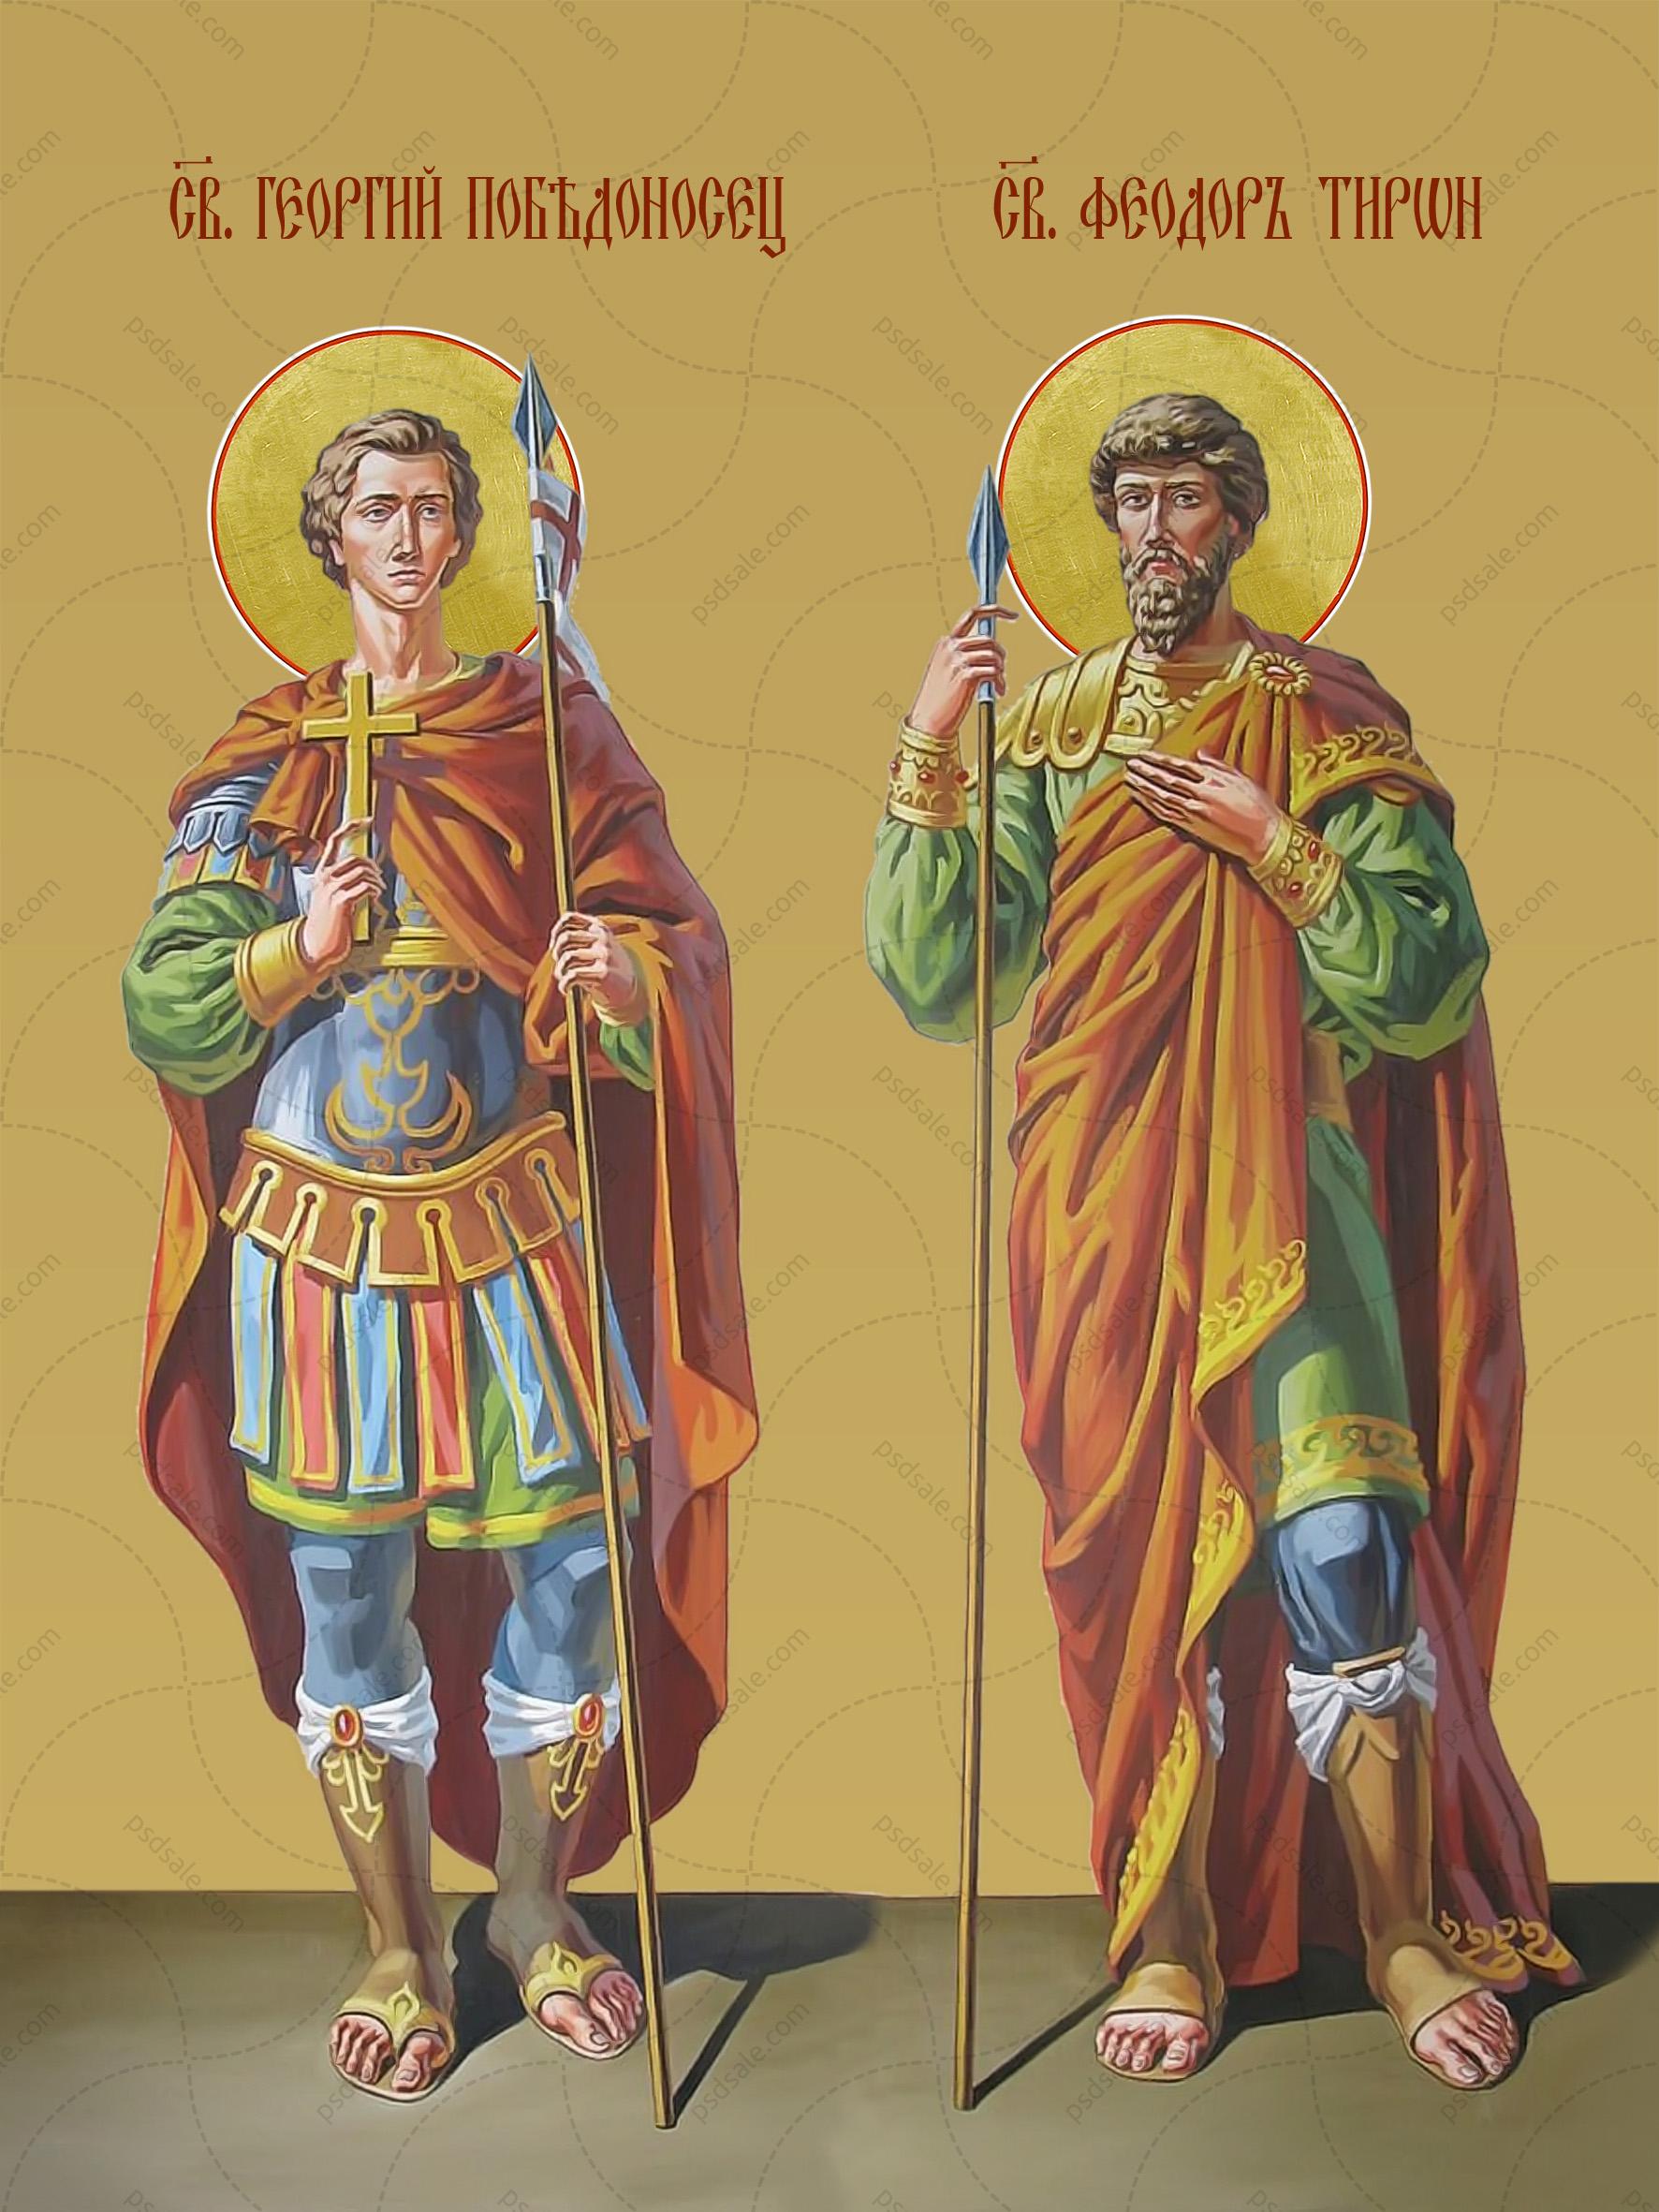 Георгий и Федор